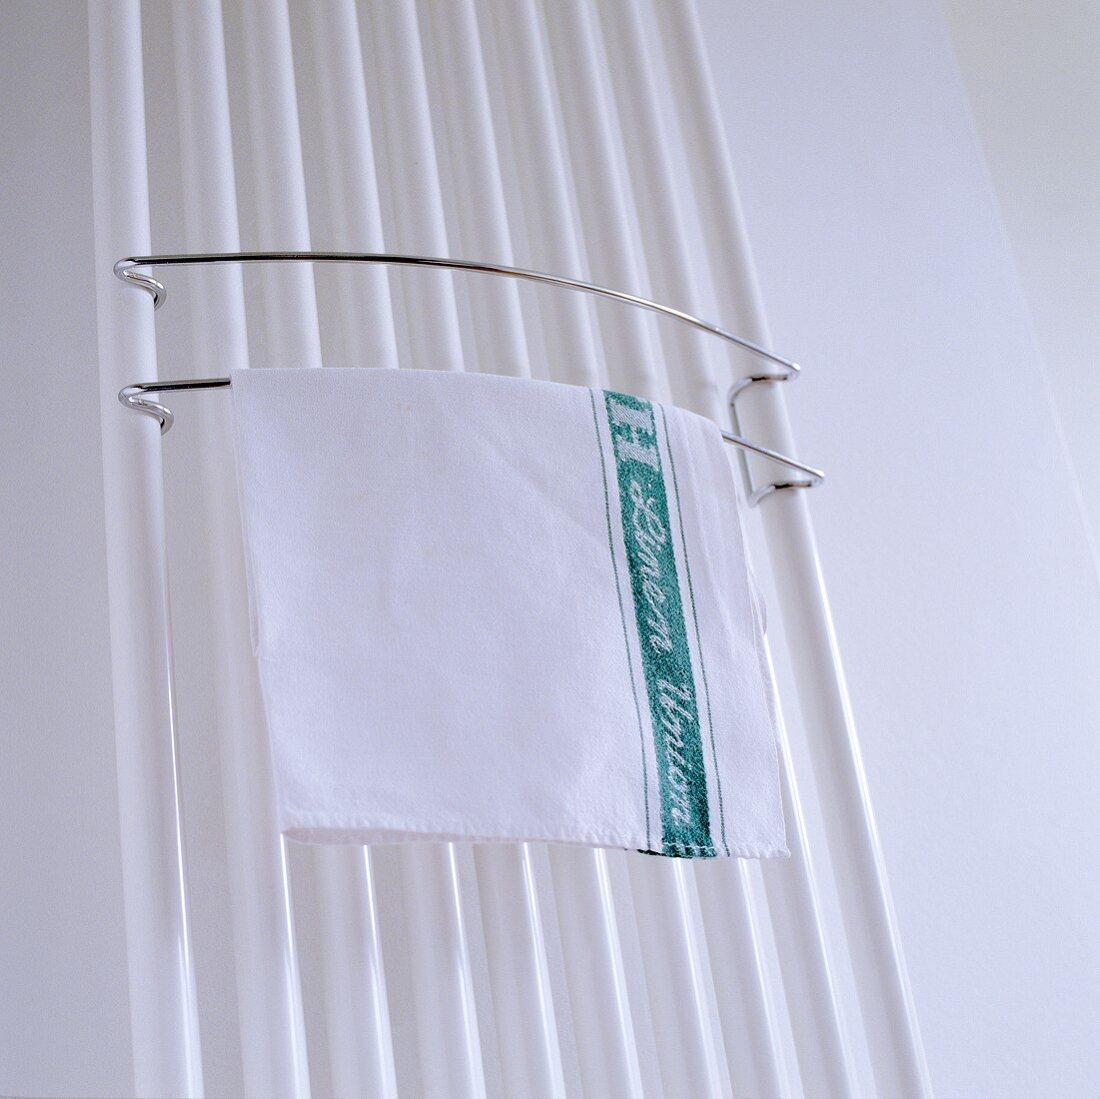 Geschirrtuch auf Handtuchhalter am … – Bild kaufen